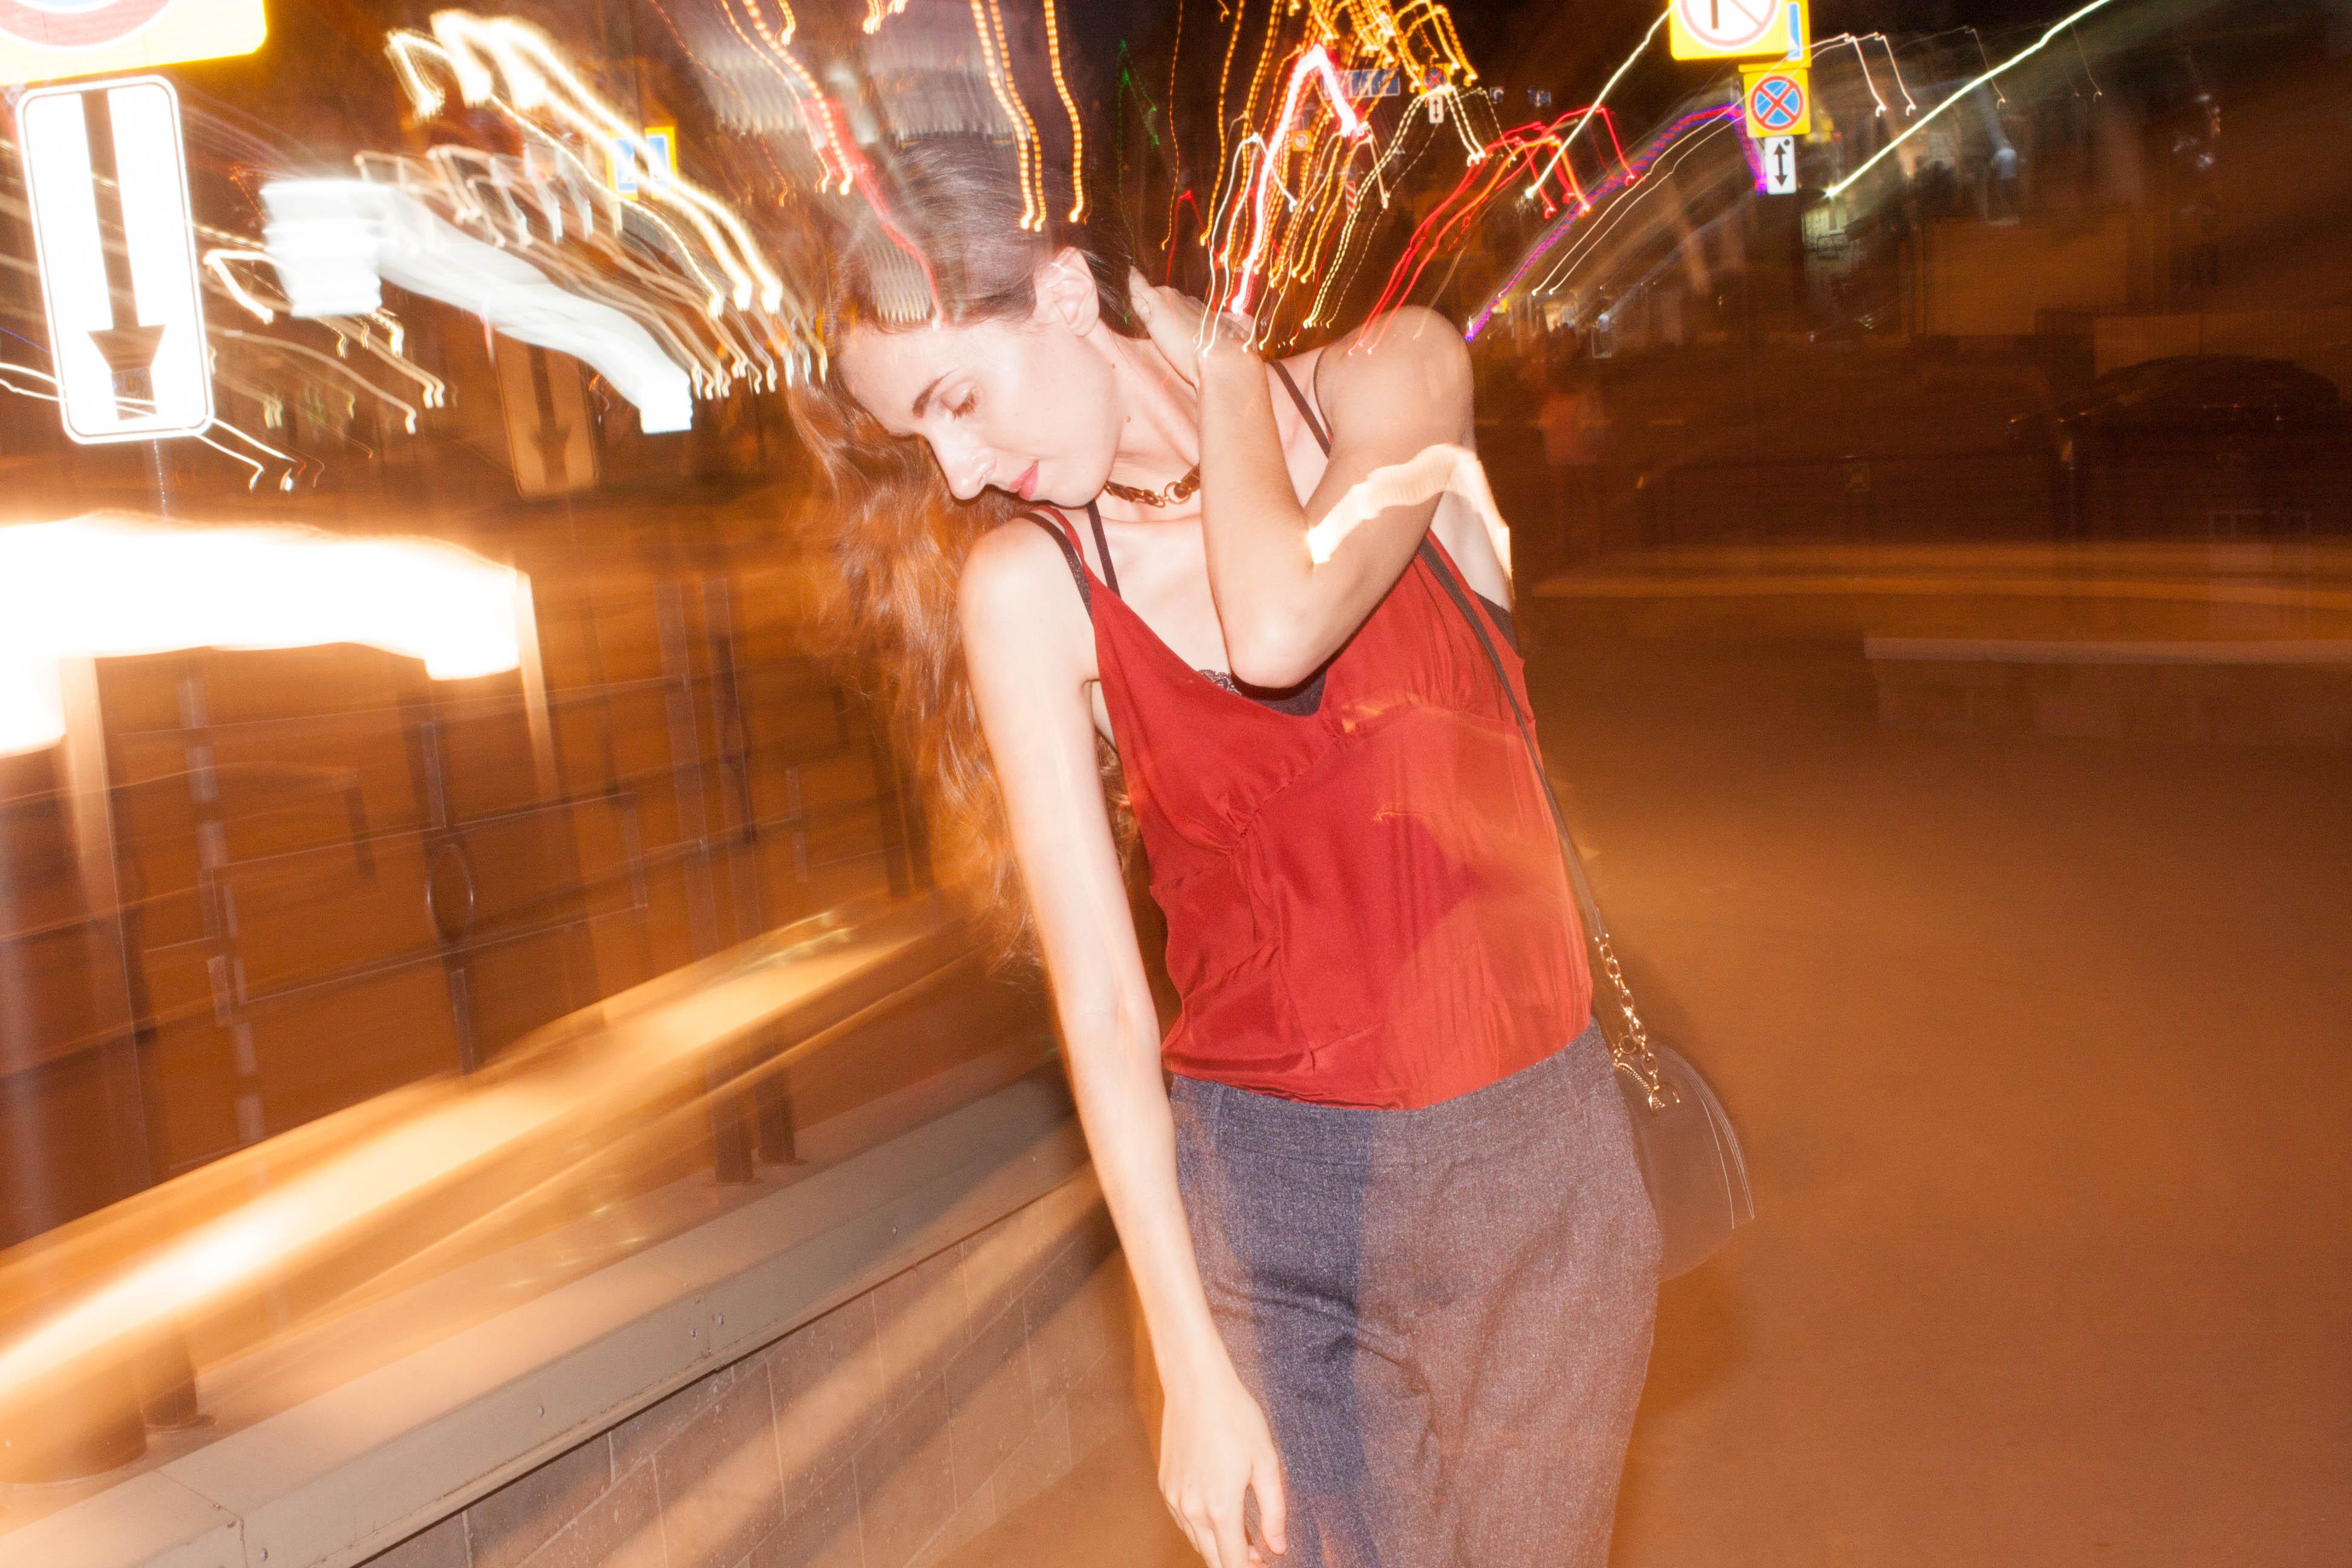 Нижнее бельё в качестве верхней одежды. День 4: Ромпер,чокер и бра. Garterblog.ru